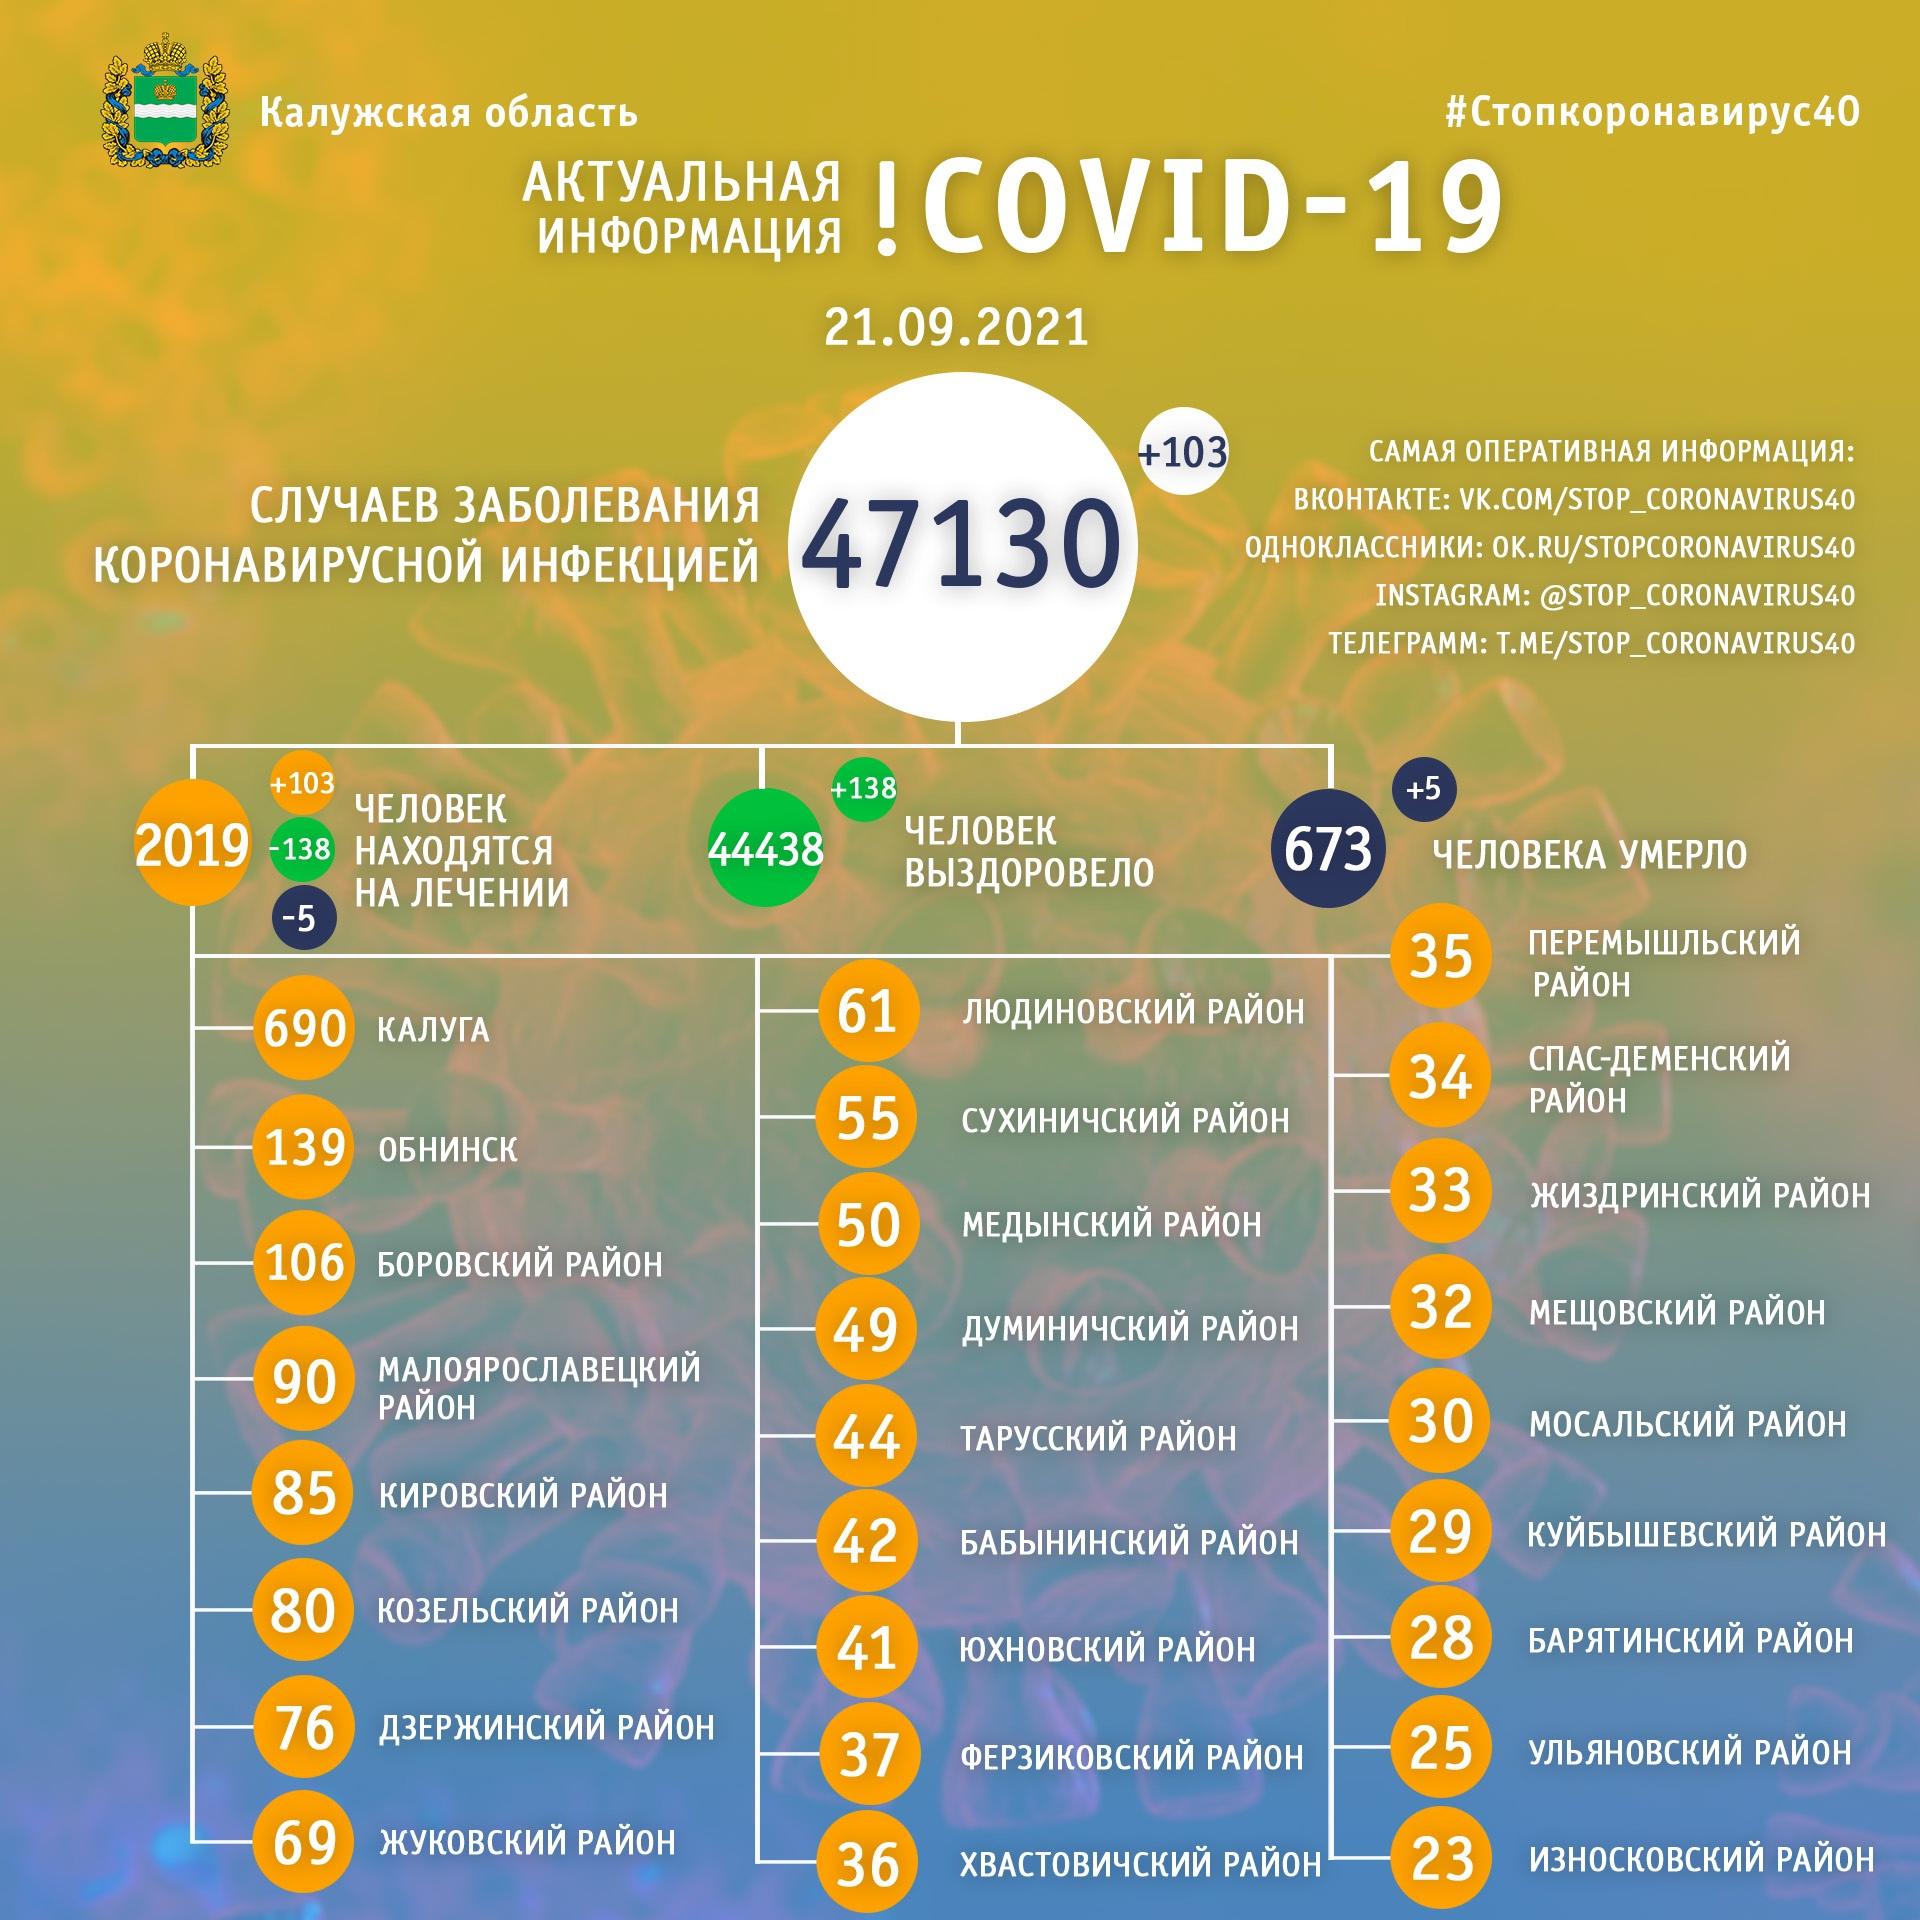 Официальная статистика по коронавирусу в Калужской области на 21 сентября 2021 года.